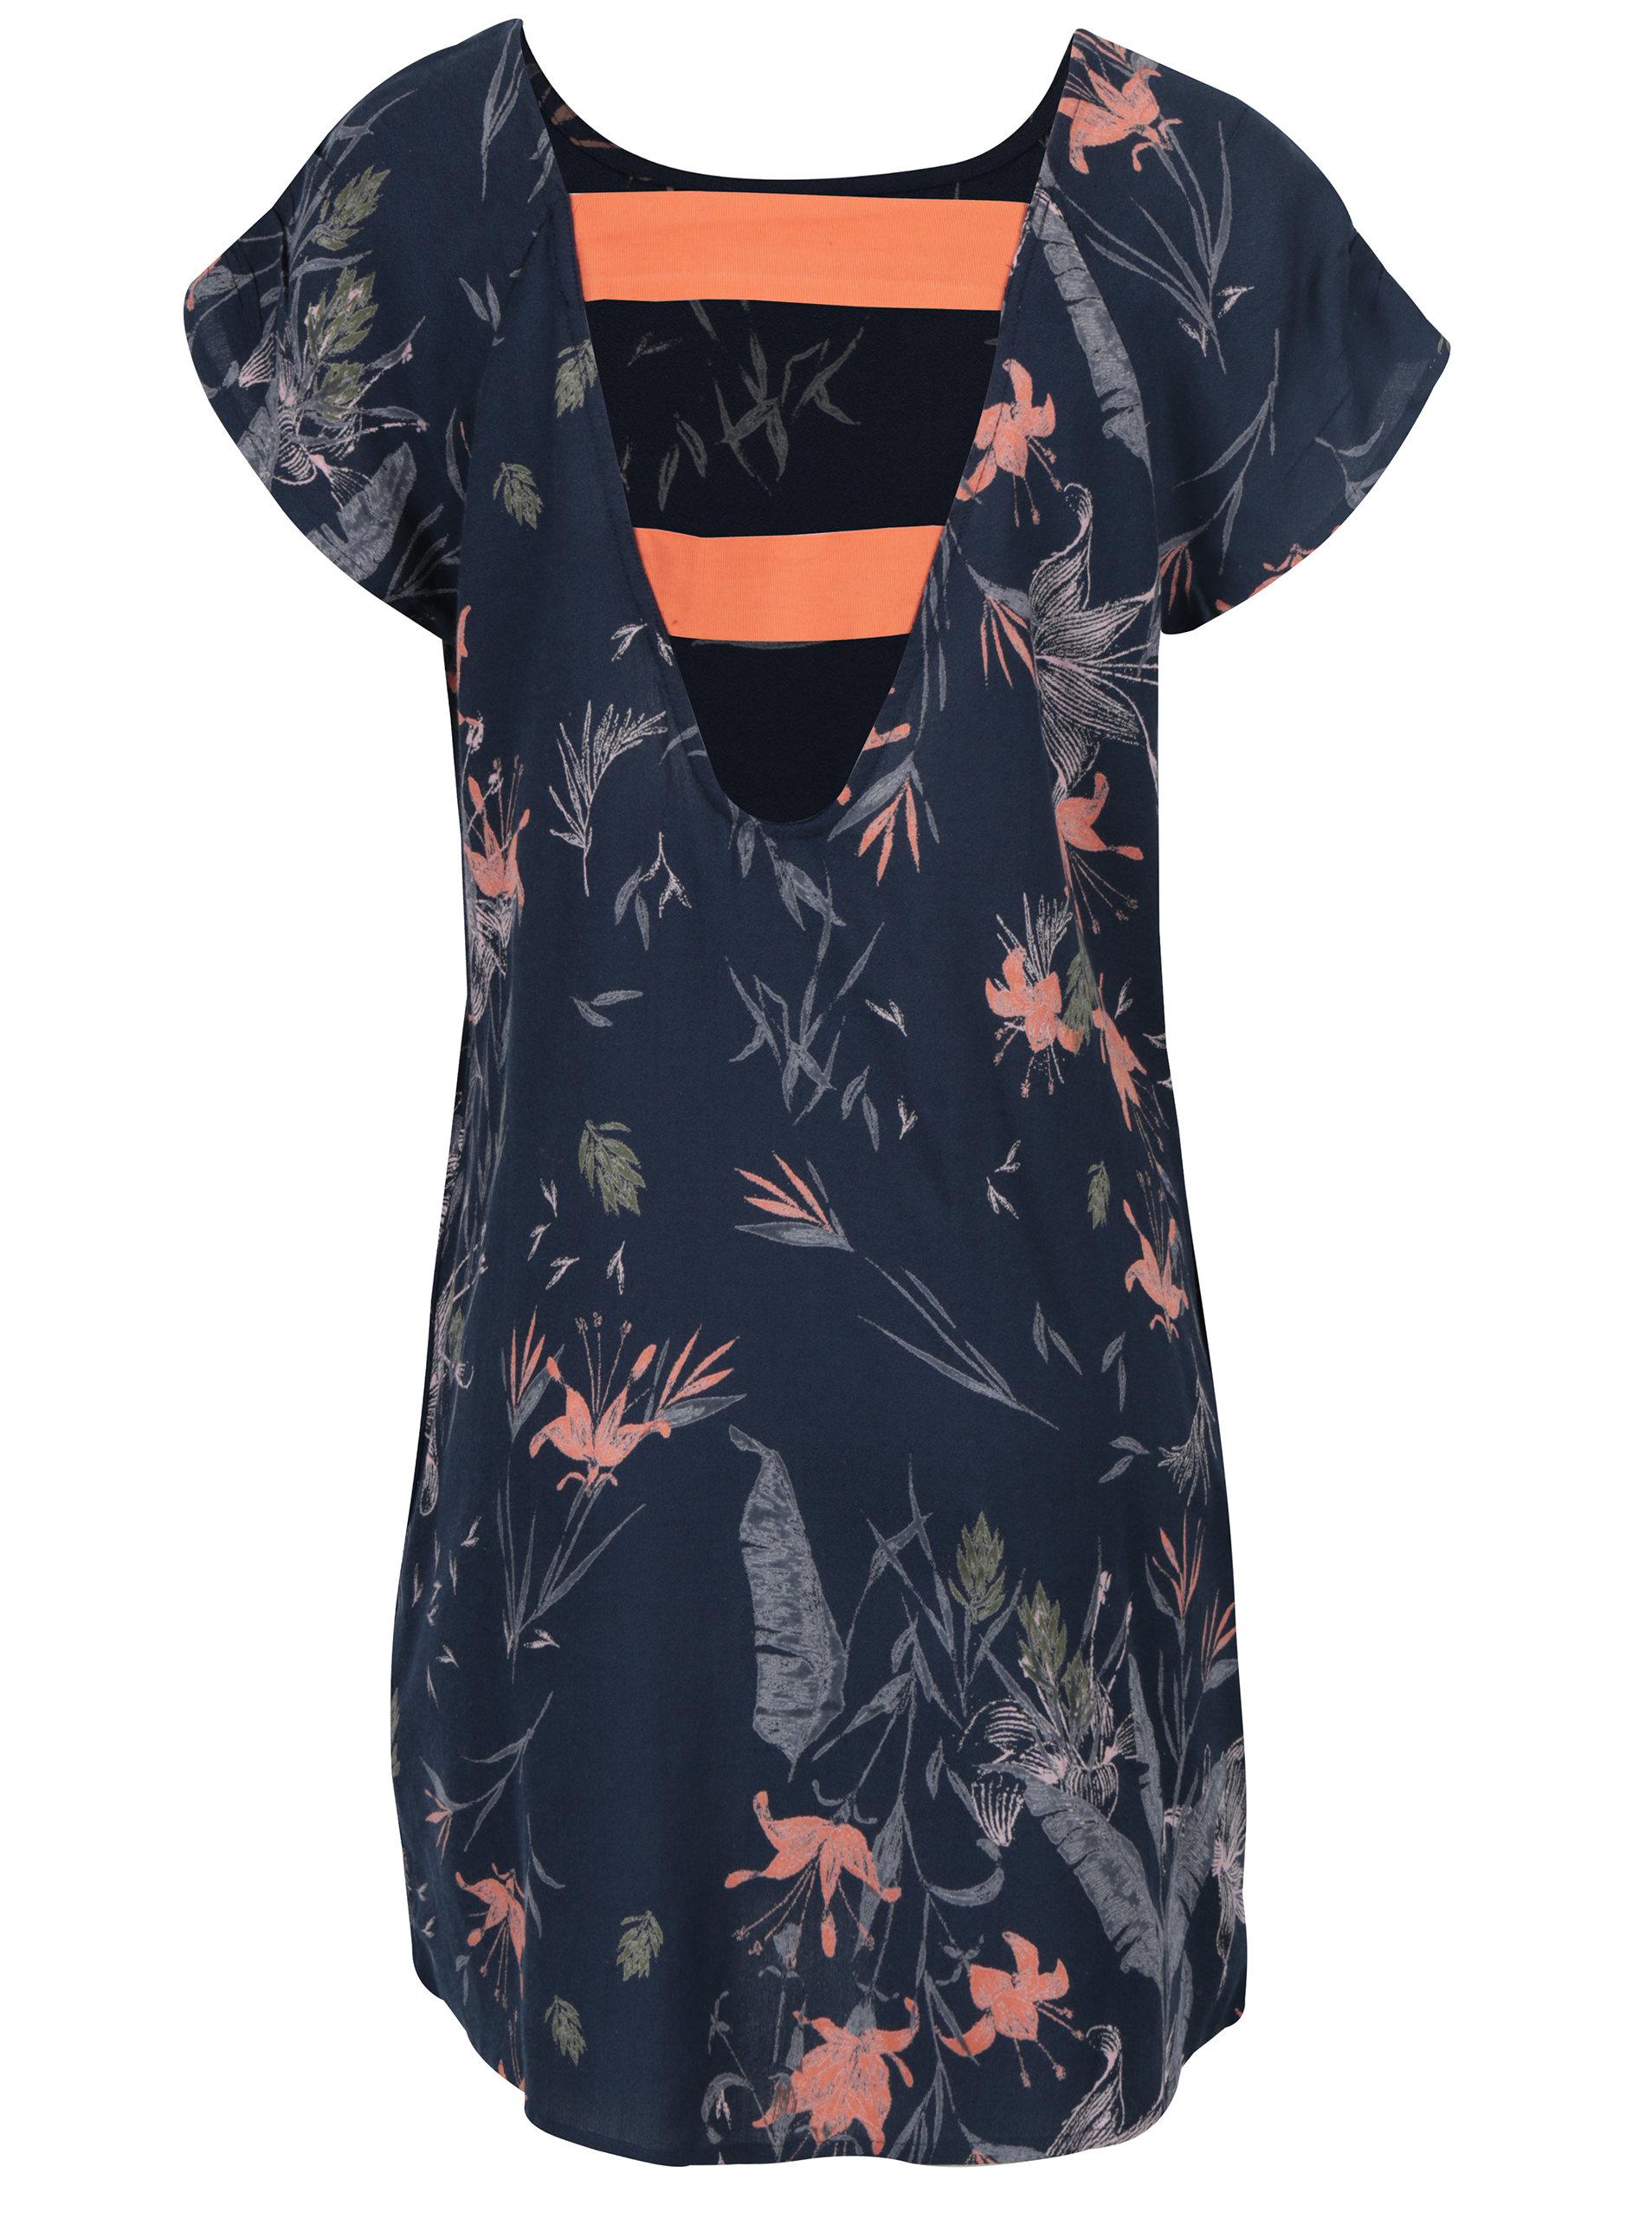 1af437ddf Tmavomodré dámske kvetinové šaty Roxy Peak Moments | ZOOT.sk